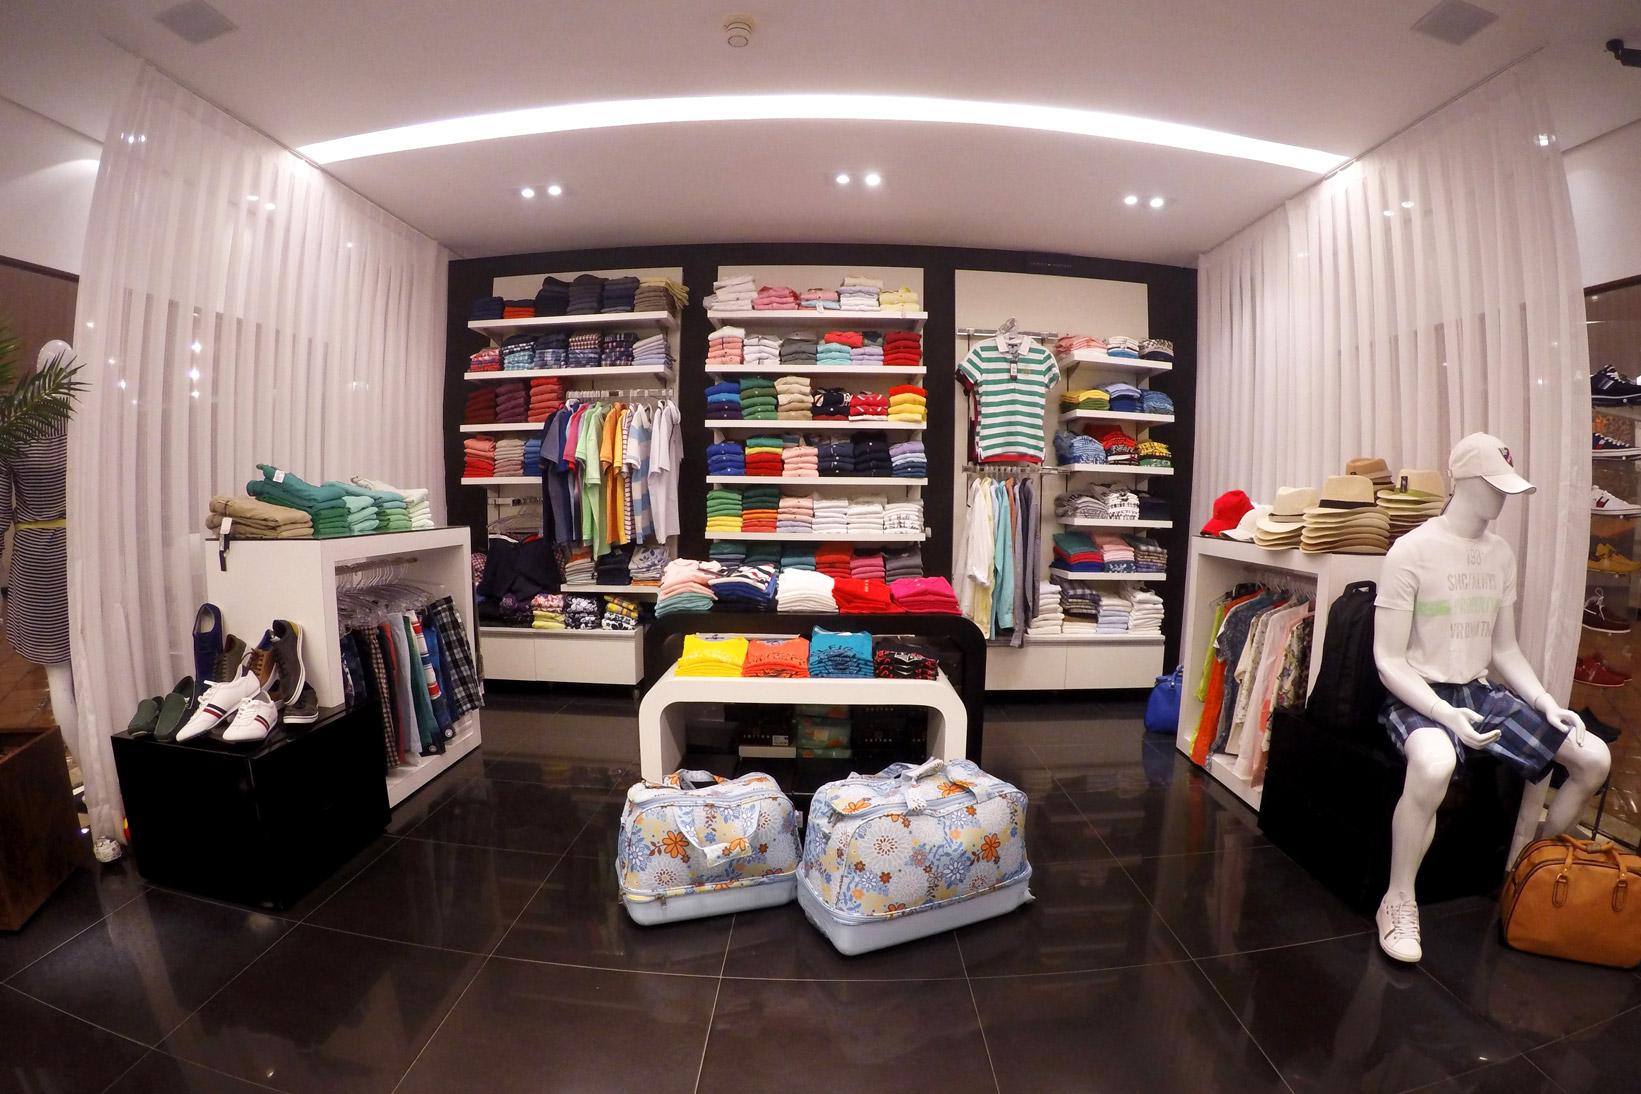 Os produtos mais nobres estão localizados na parte central da loja, onde os três corners ganham destaque sobre a parede preta. -